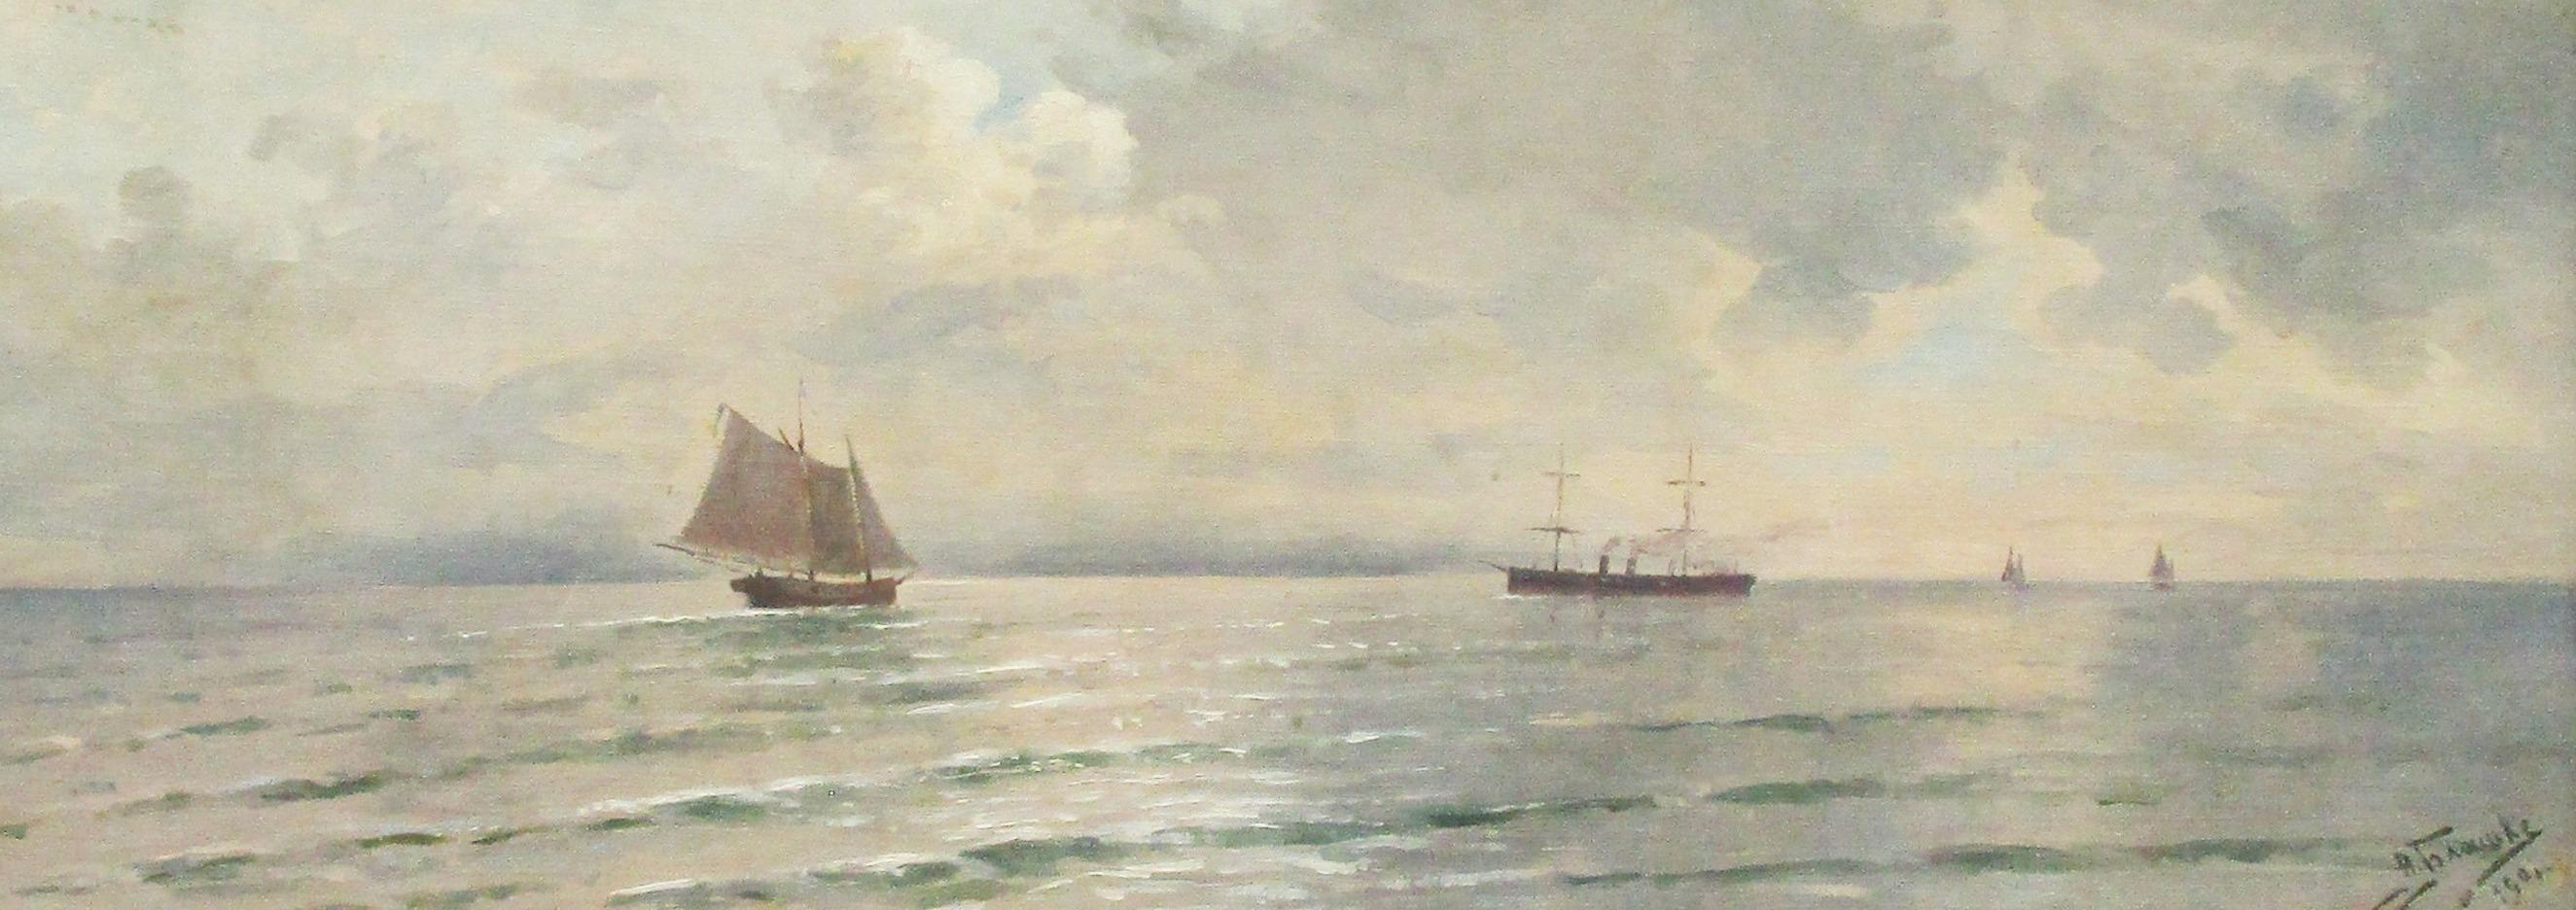 Картина Анна Блашке горизонт